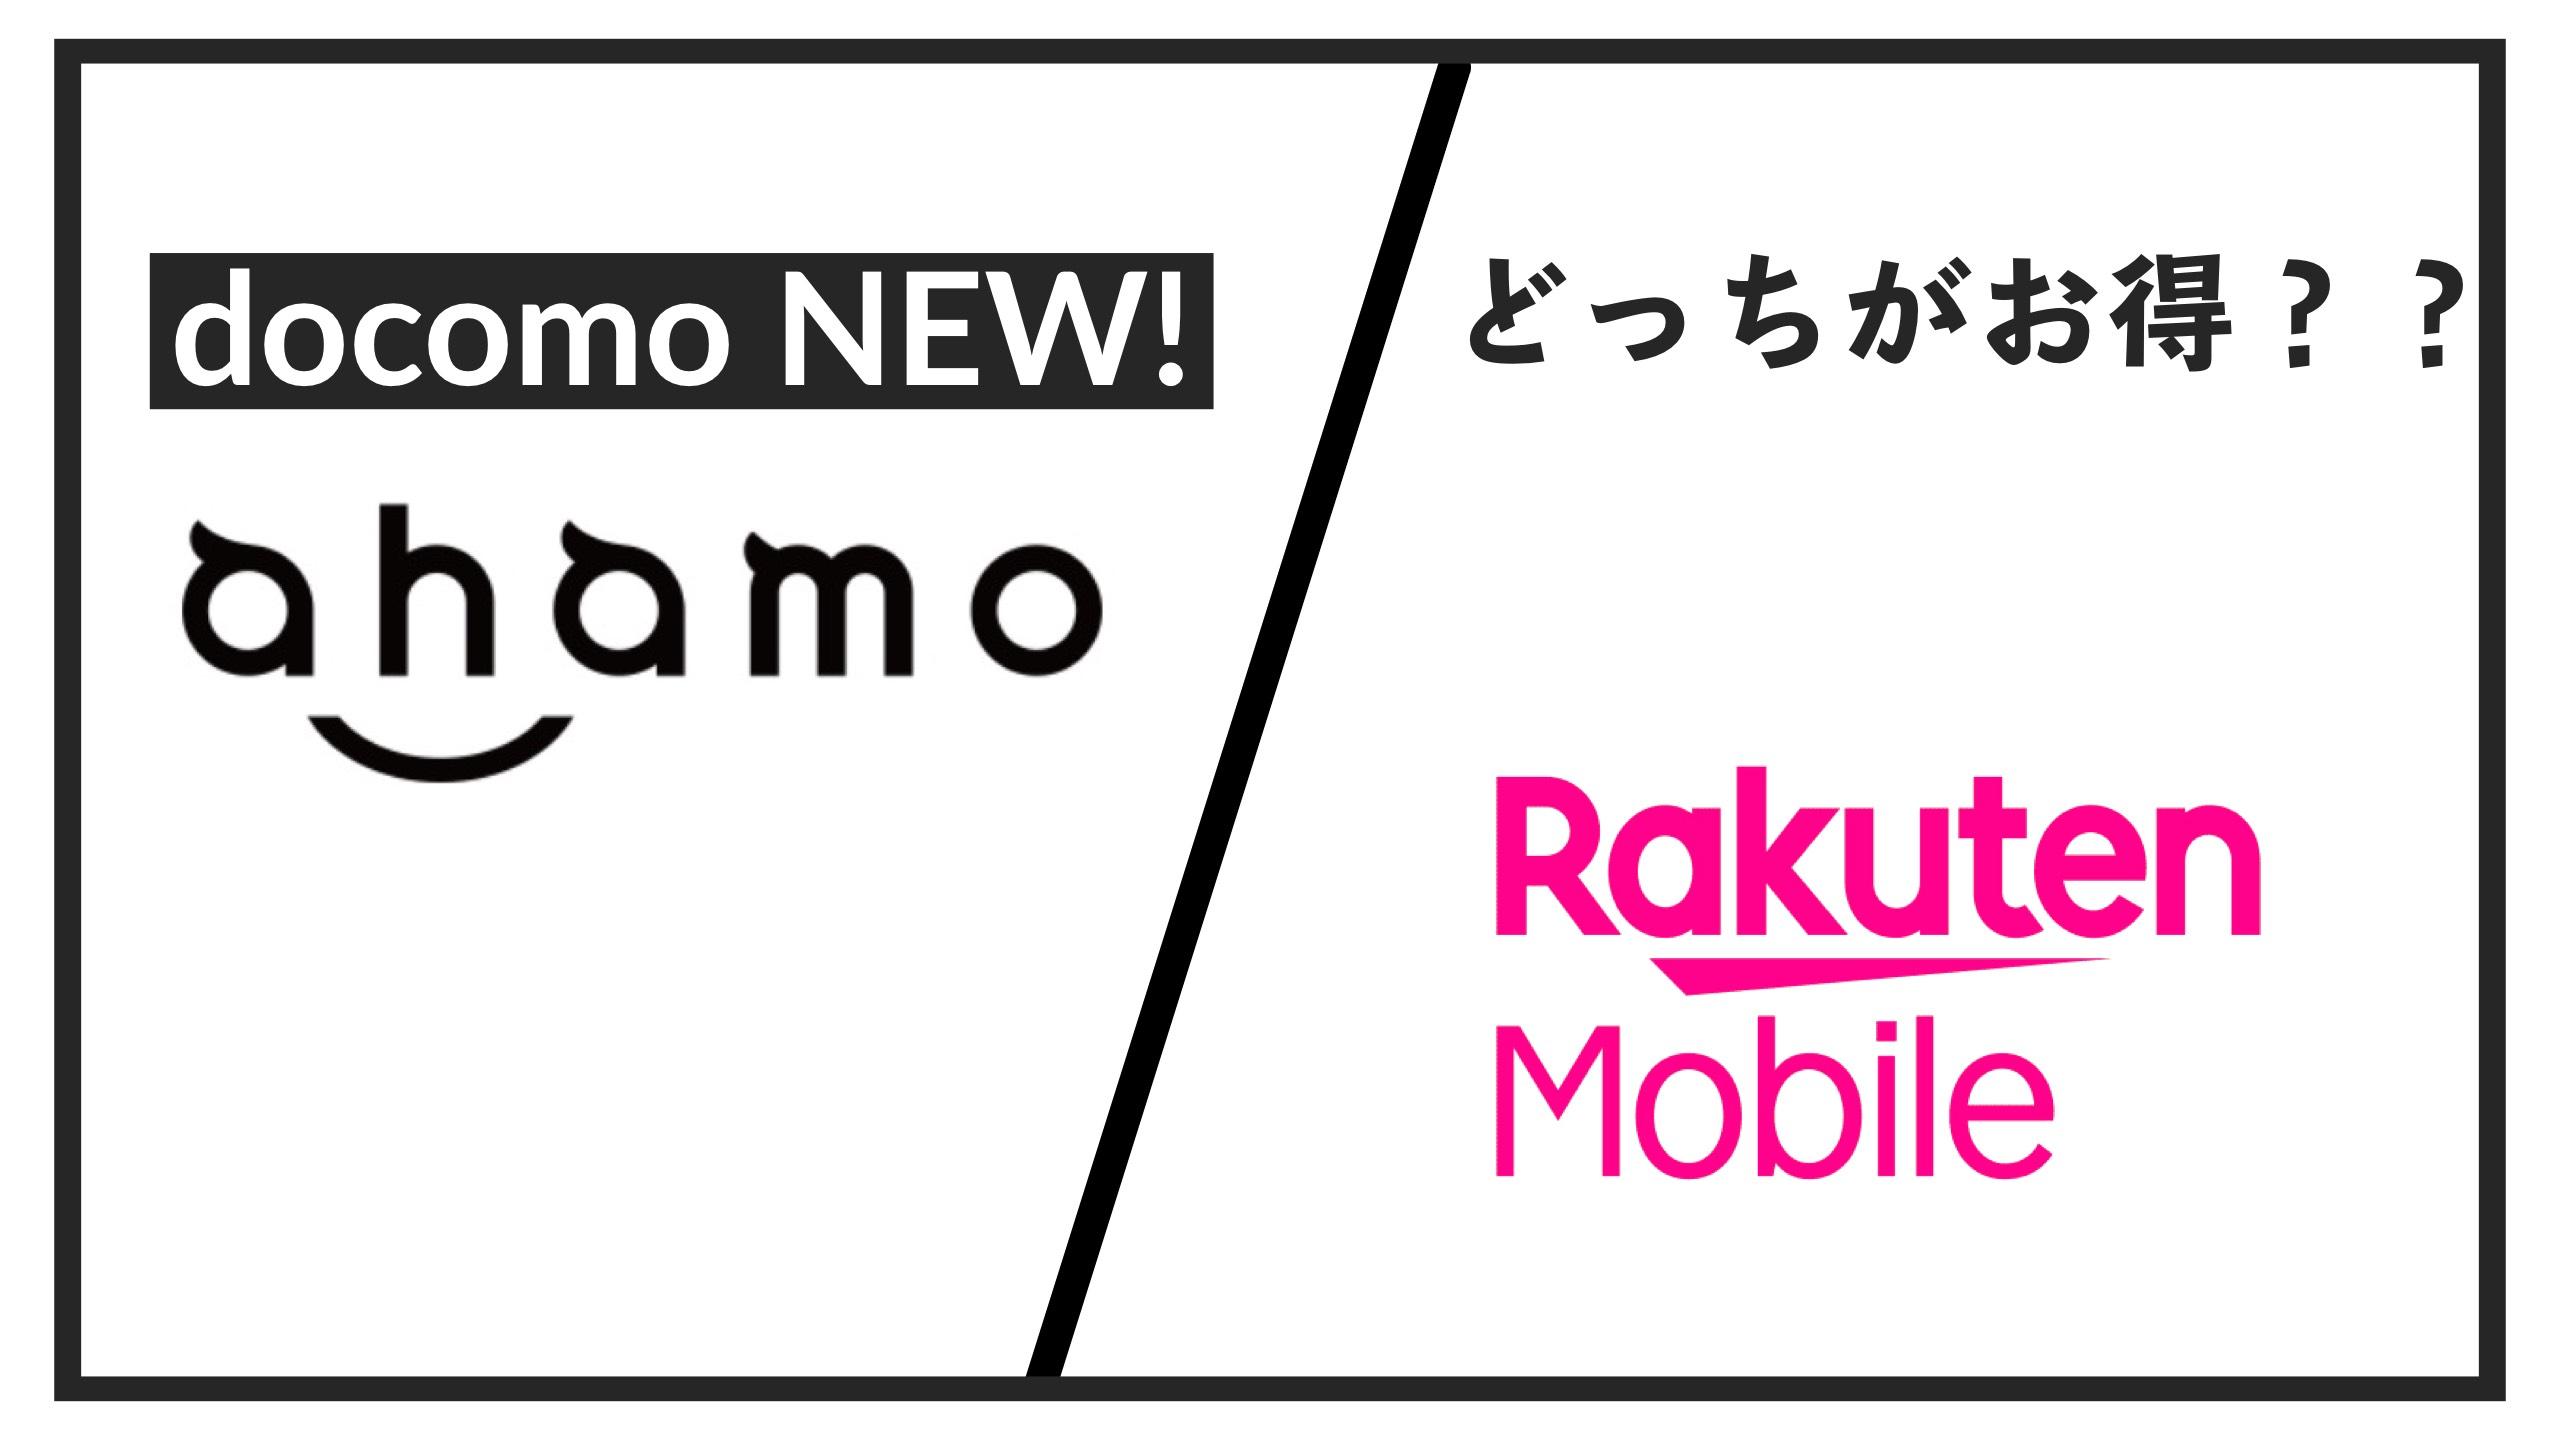 【比較】ドコモの新料金プランahamo(アハモ)と楽天モバイルはどっちがおすすめ?メリット・デメリットや違いまとめ